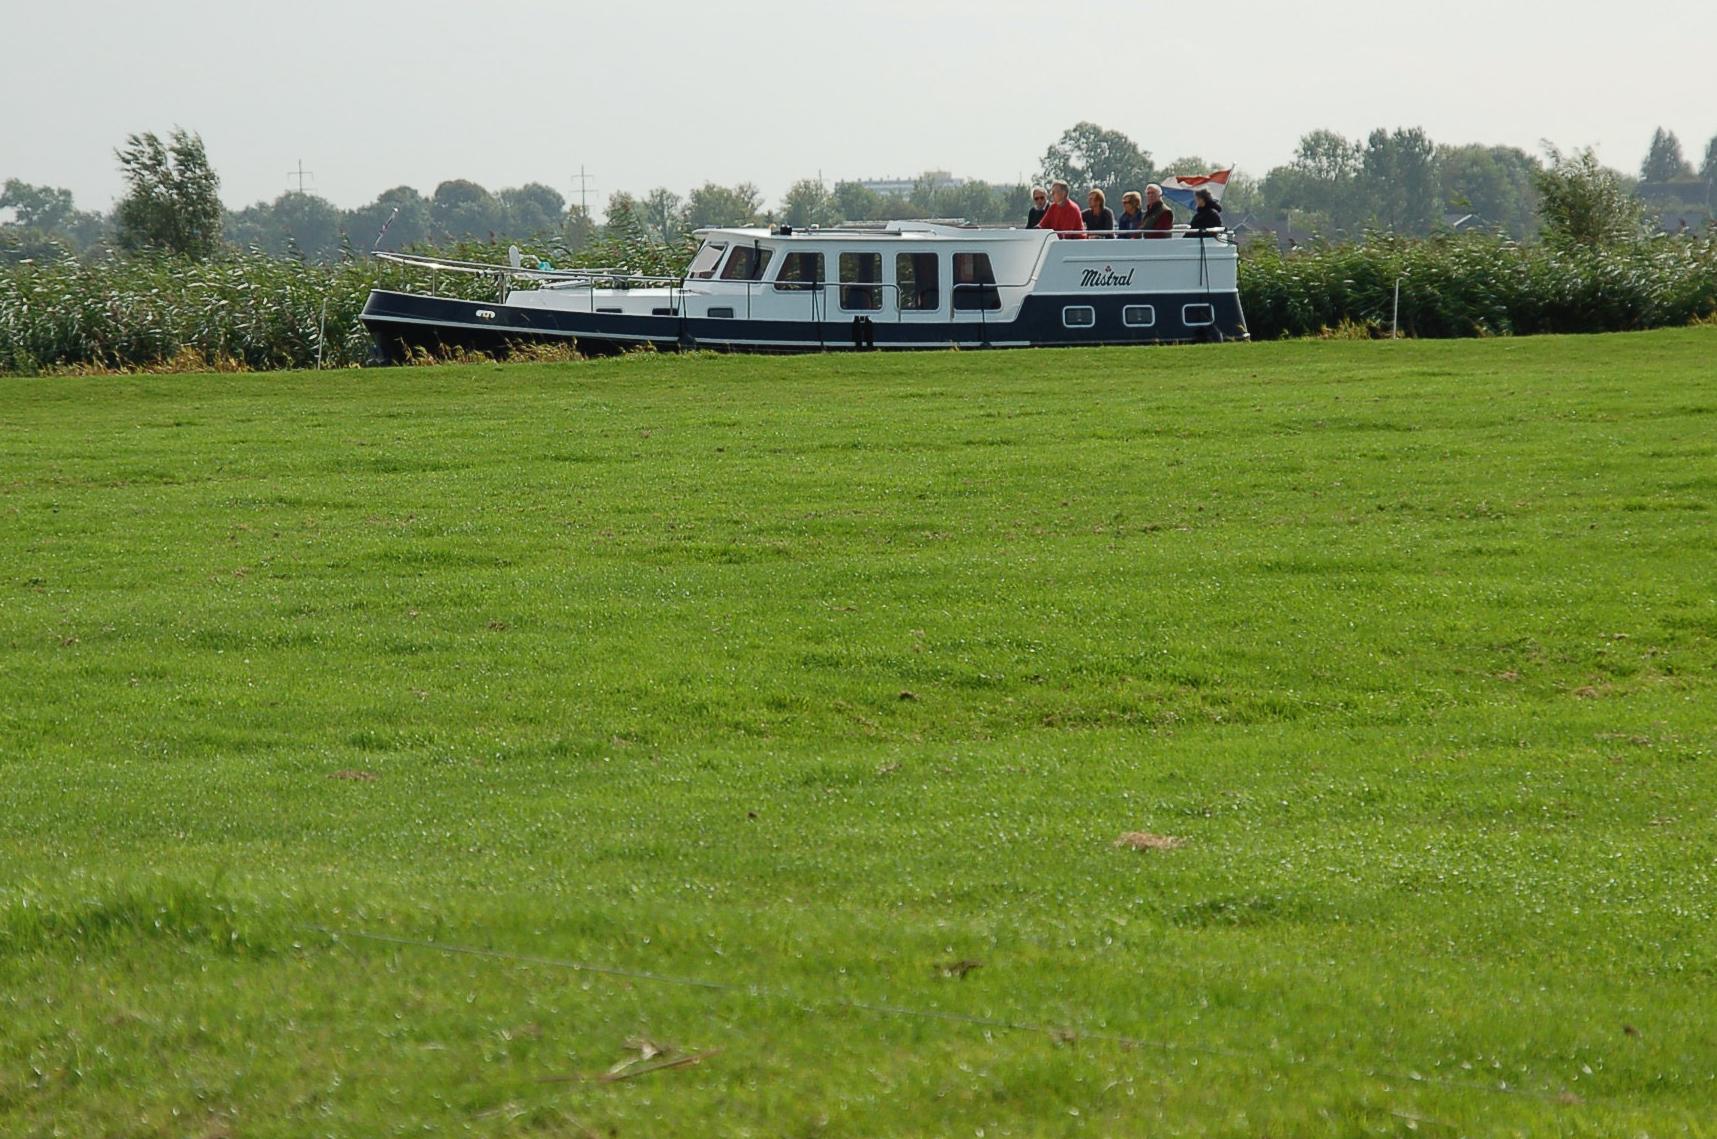 Ein Boot auf einer Wiese? Diesen Eindruck erweckt der Schnappschuss von der Eltstädtetour per Boot durch Friesland